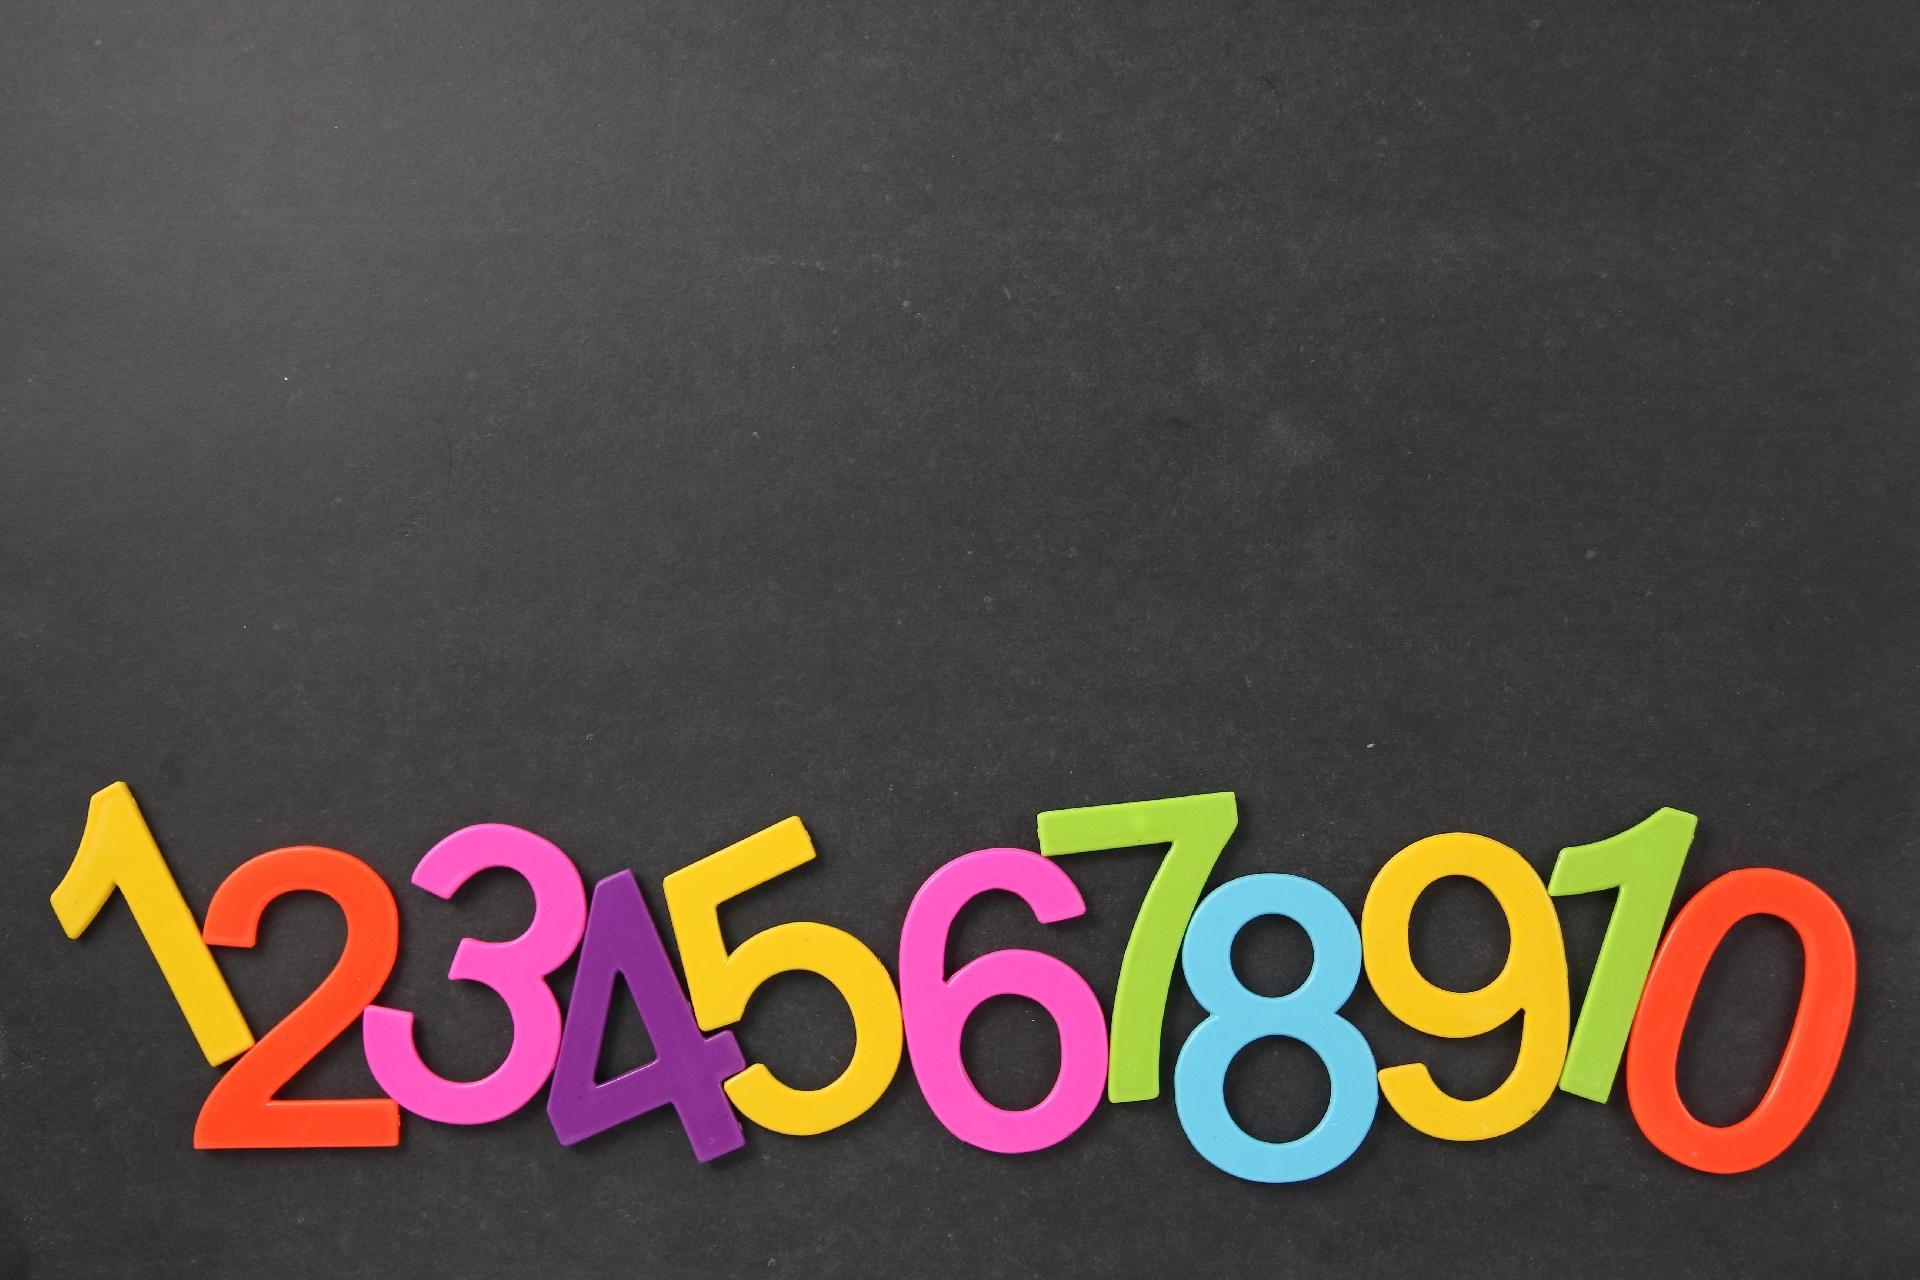 38d3c654f6aaf753a0f72296cb26c06b_m